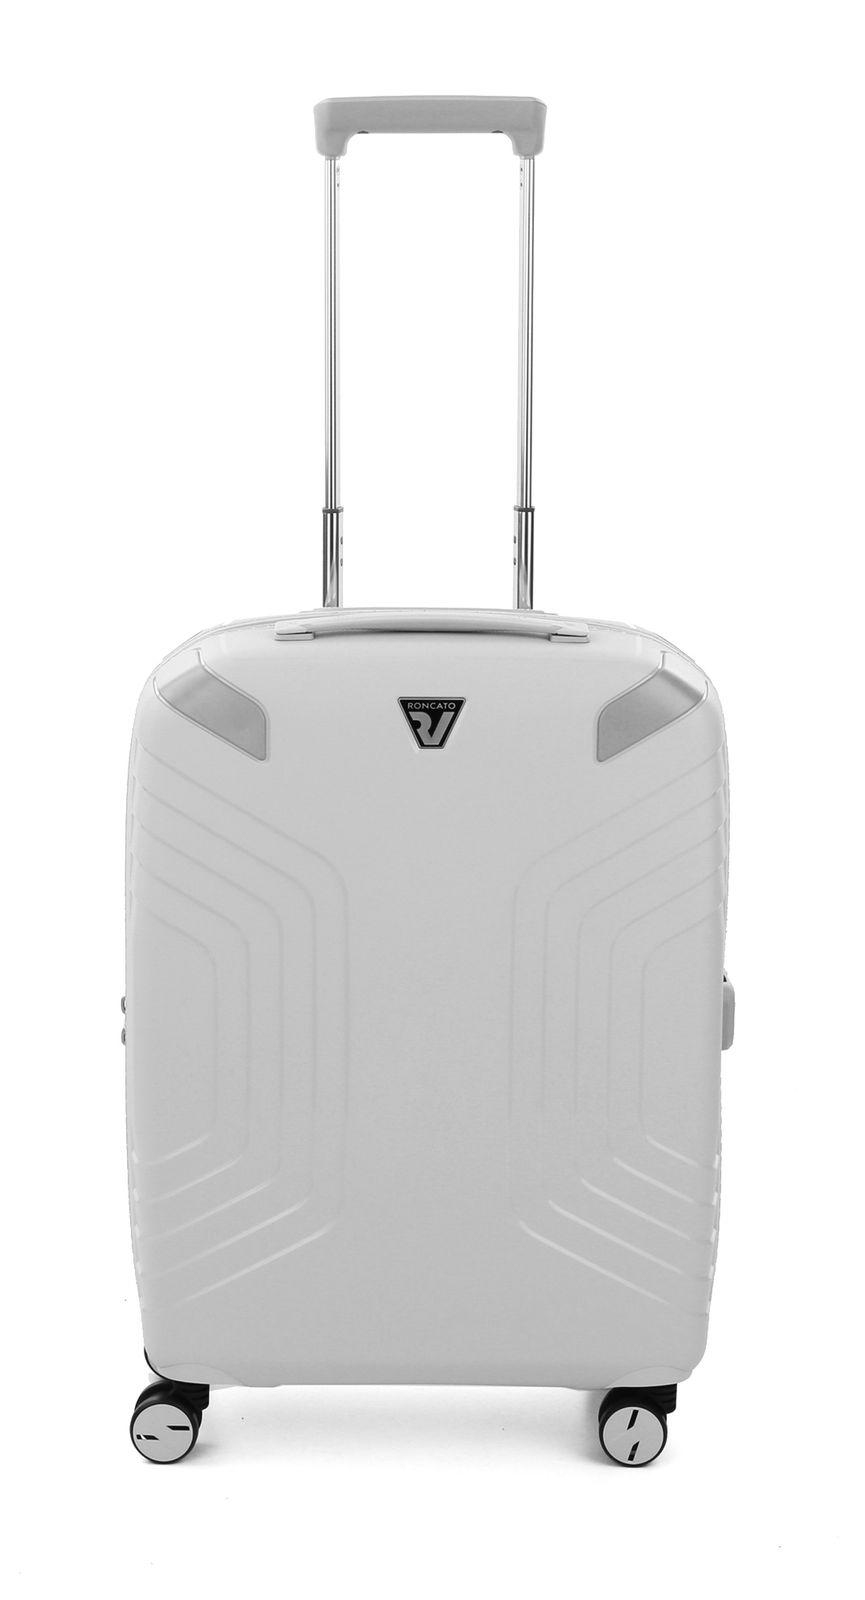 RONCATO Ypsilon Cabin Luggage XS Pearl